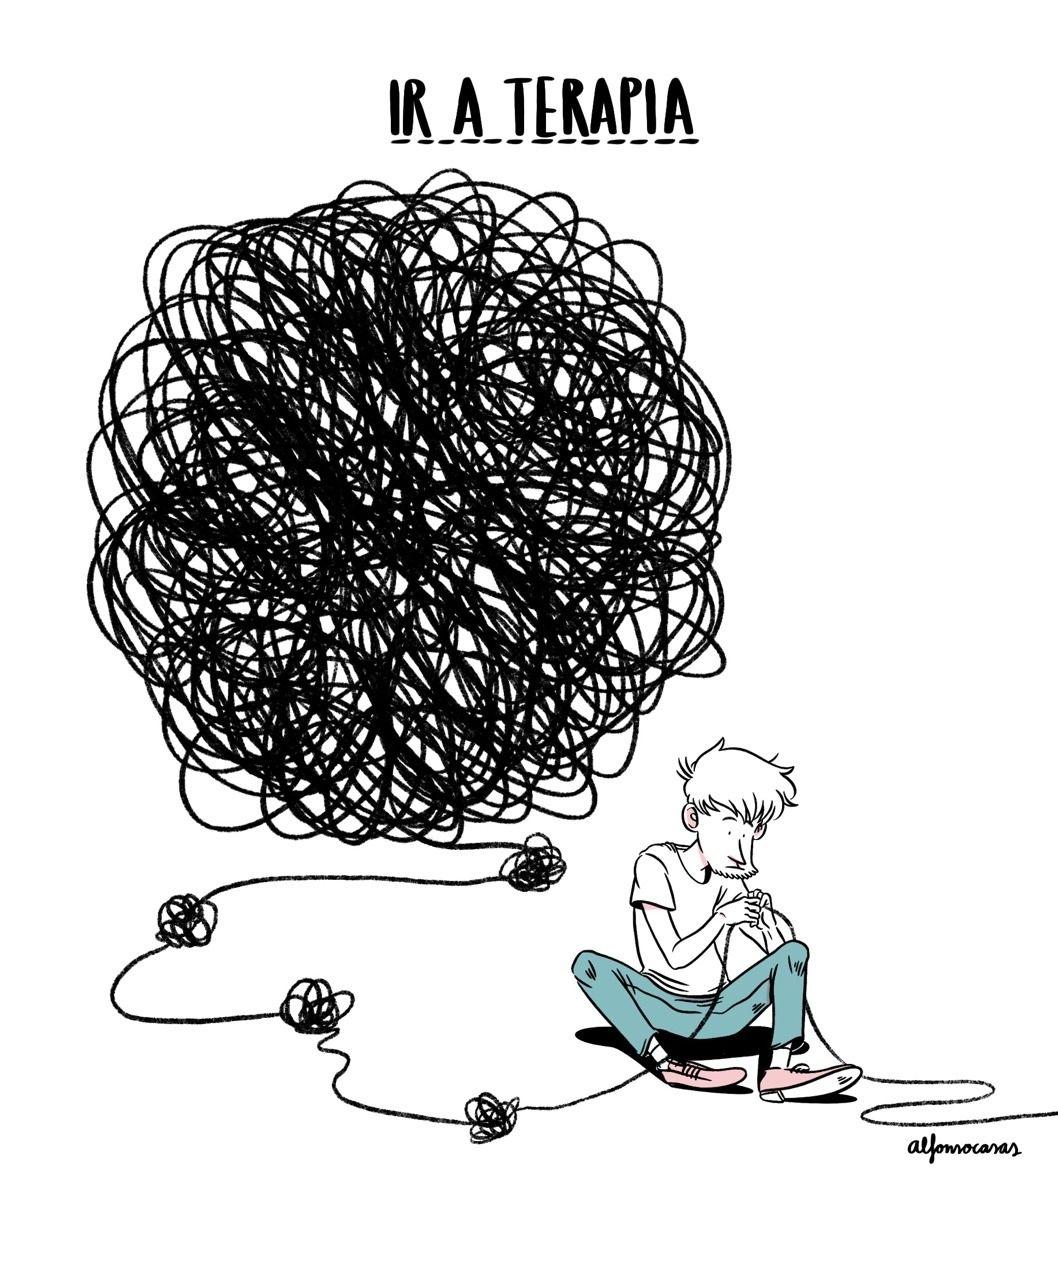 Adolescencia Tardia Y Autocomplaciente Imagenes De Psicologia Pensamiento Psicologia Psicologa Emocional